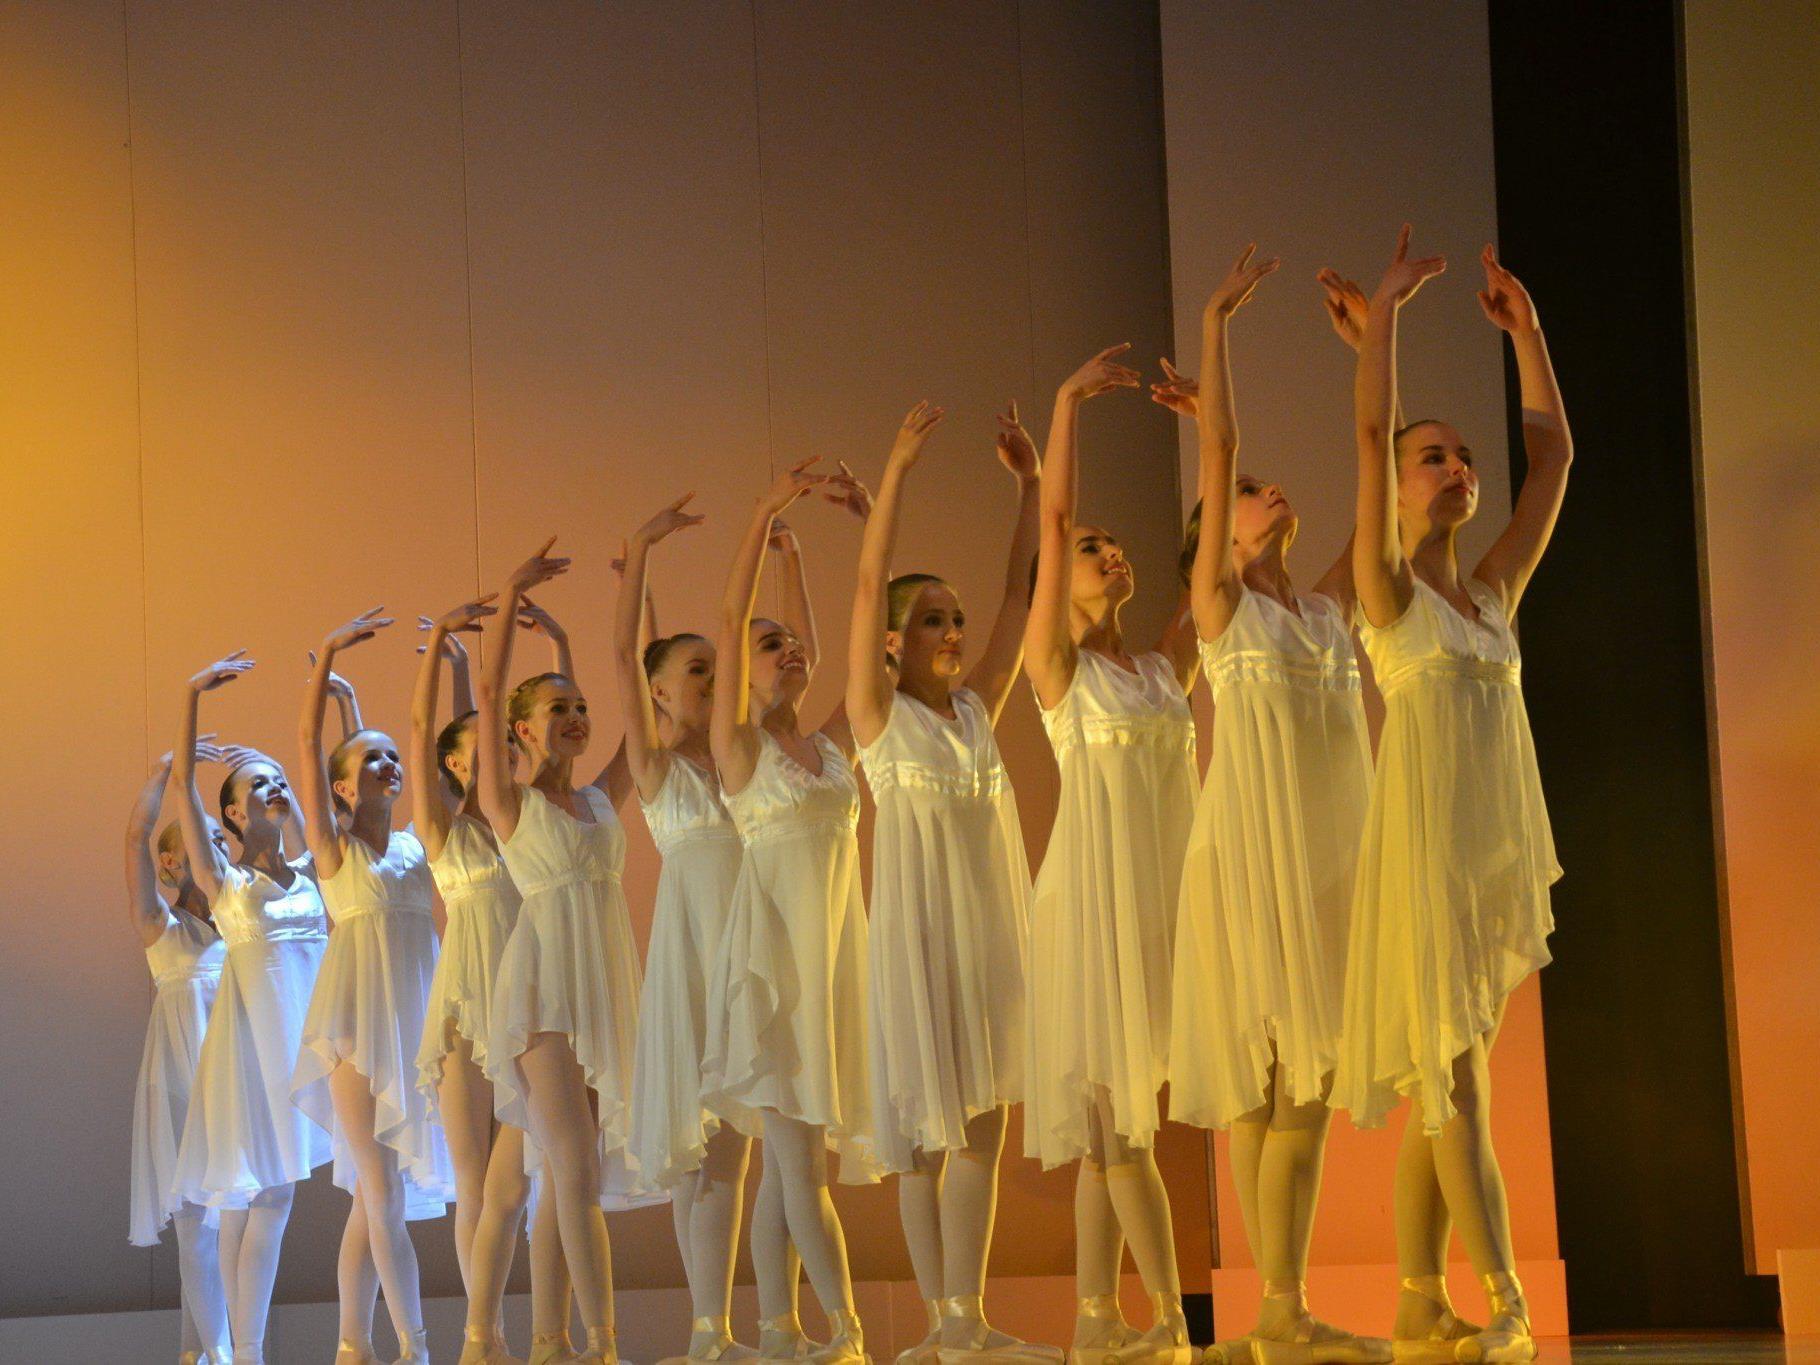 Eine faszinierende Tanzpräsentation gab es Ende Mai in der Götzner Kulturbühne zu sehen